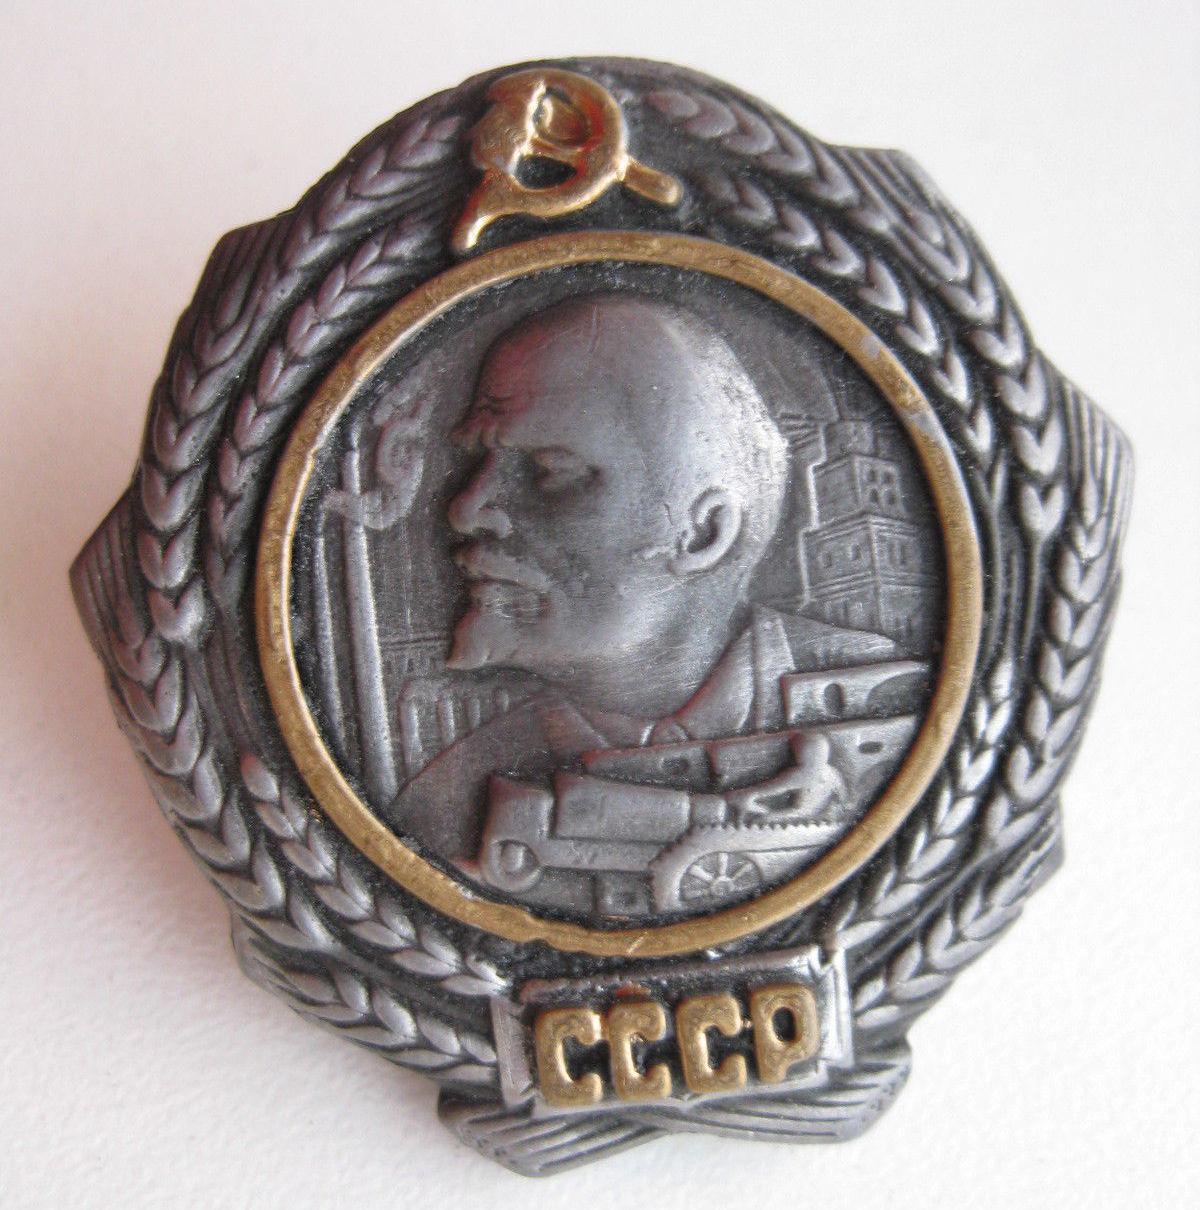 ORDER OF LENIN RUSSIAN MEDAL HIGHEST AWARD OF SSSR Military Ribbon Gold Plated